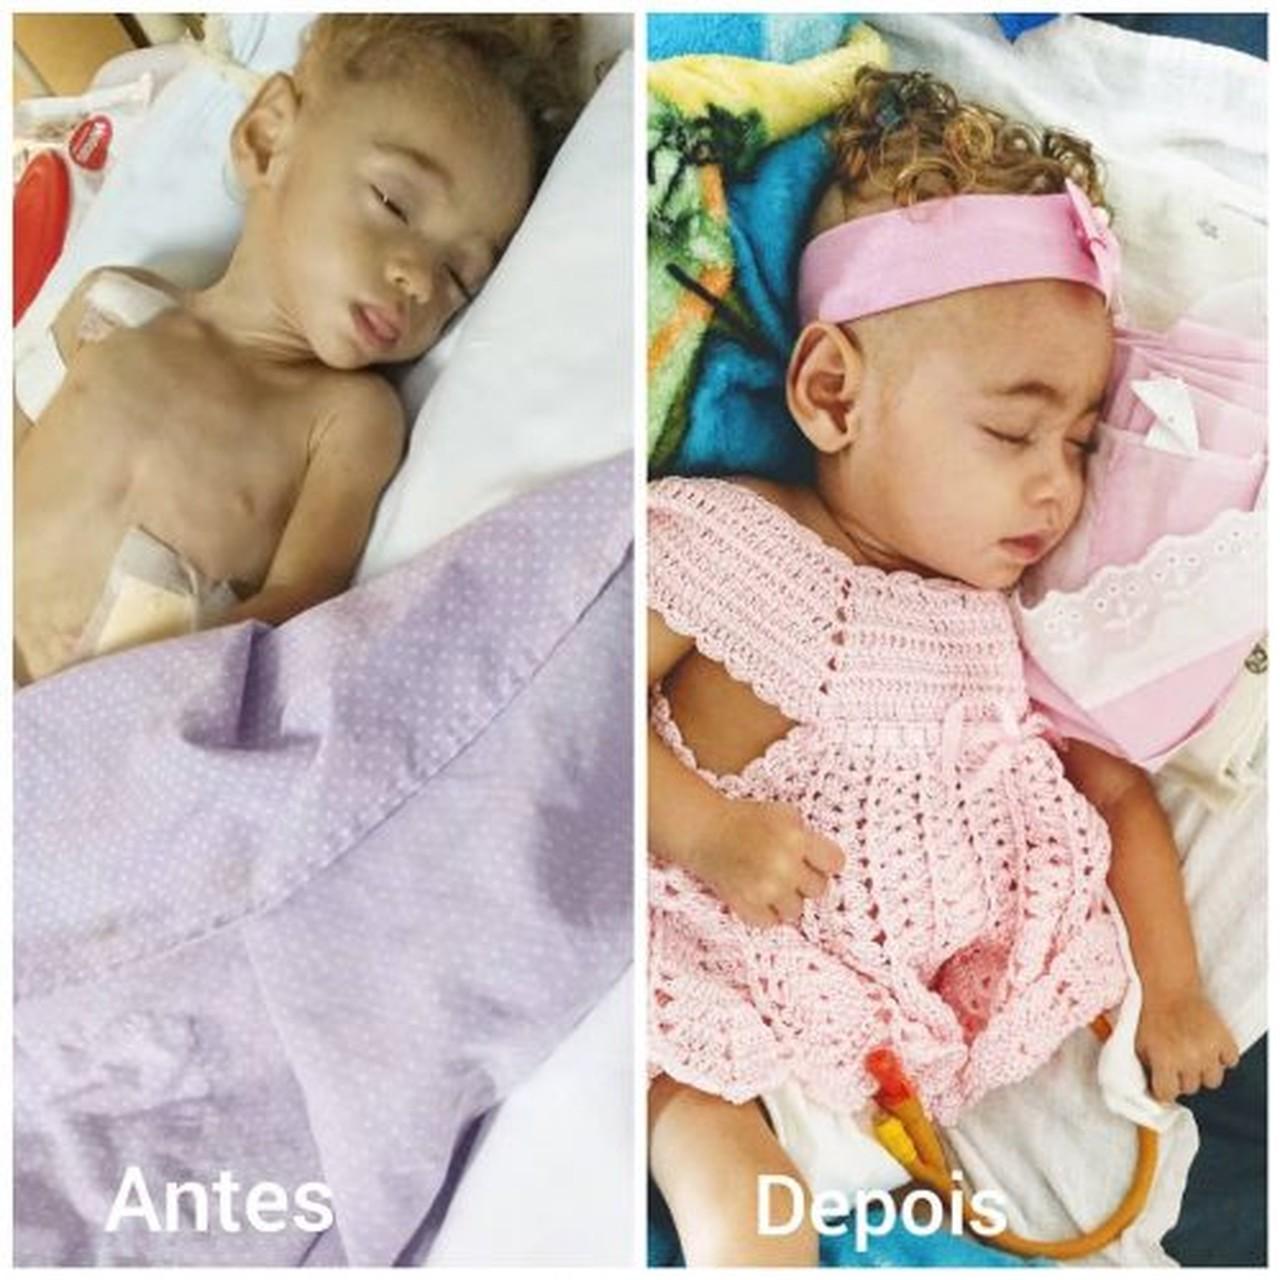 antes e depois de bebê que sofria maus-tratos